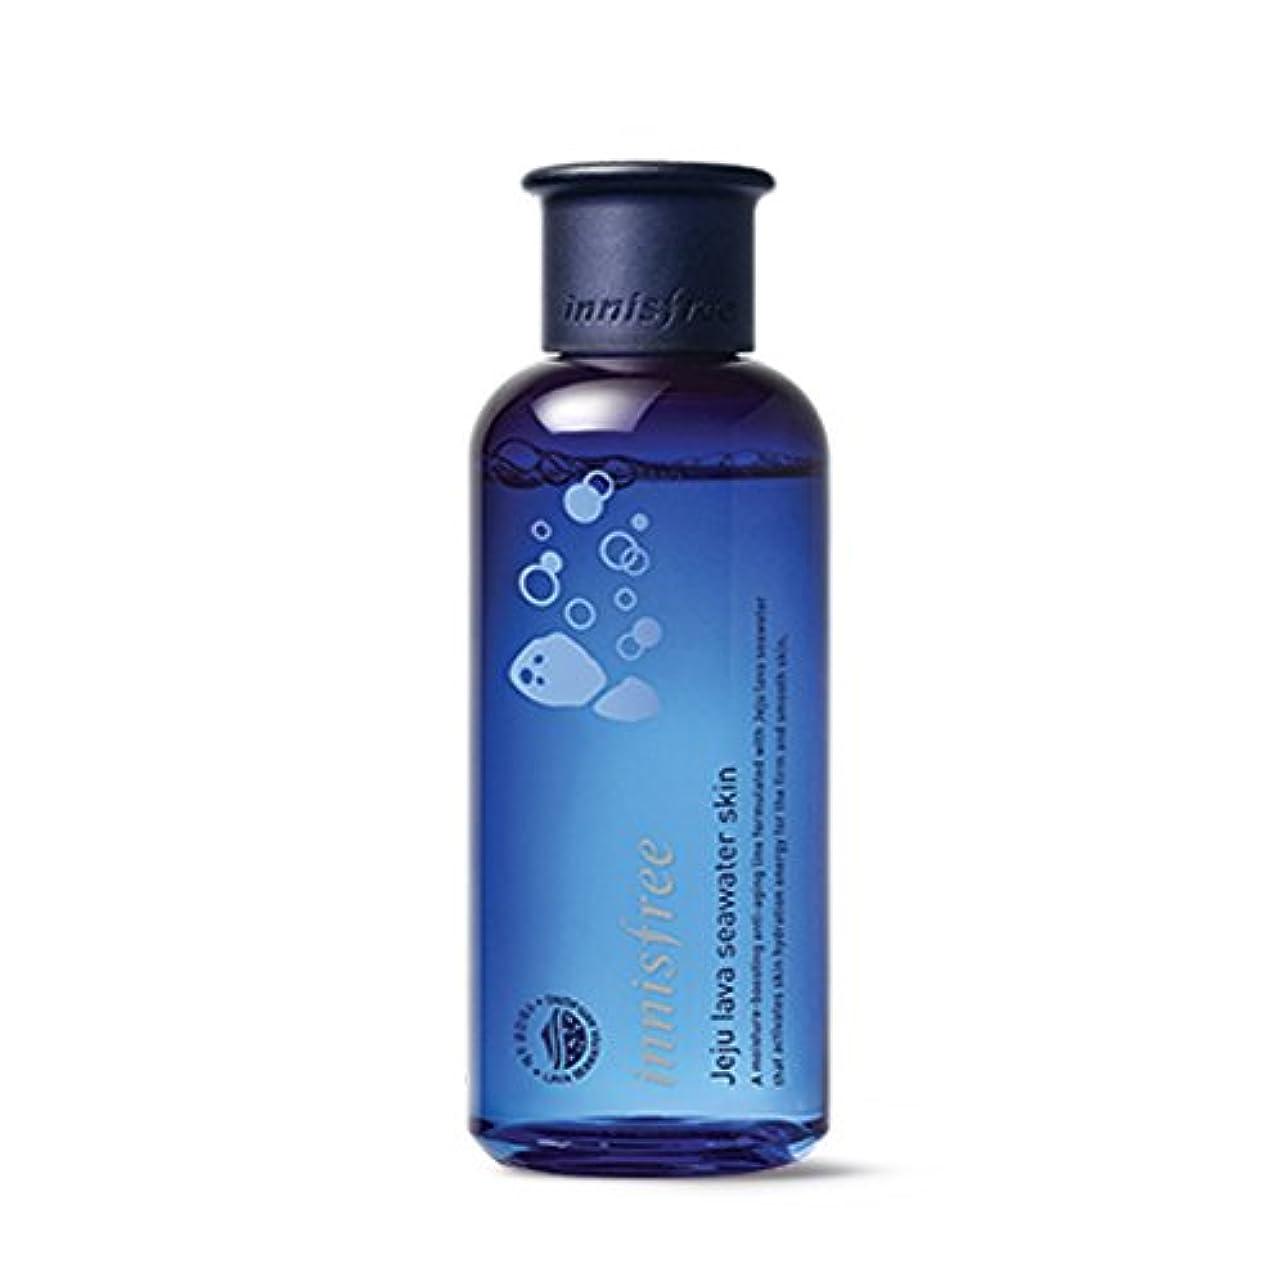 正義カナダ士気イニスフリージェジュラブシーウォータースキン(トナー)200ml Innisfree Jeju Lava Seawater Skin(Toner) 200ml [外直送品][並行輸入品]